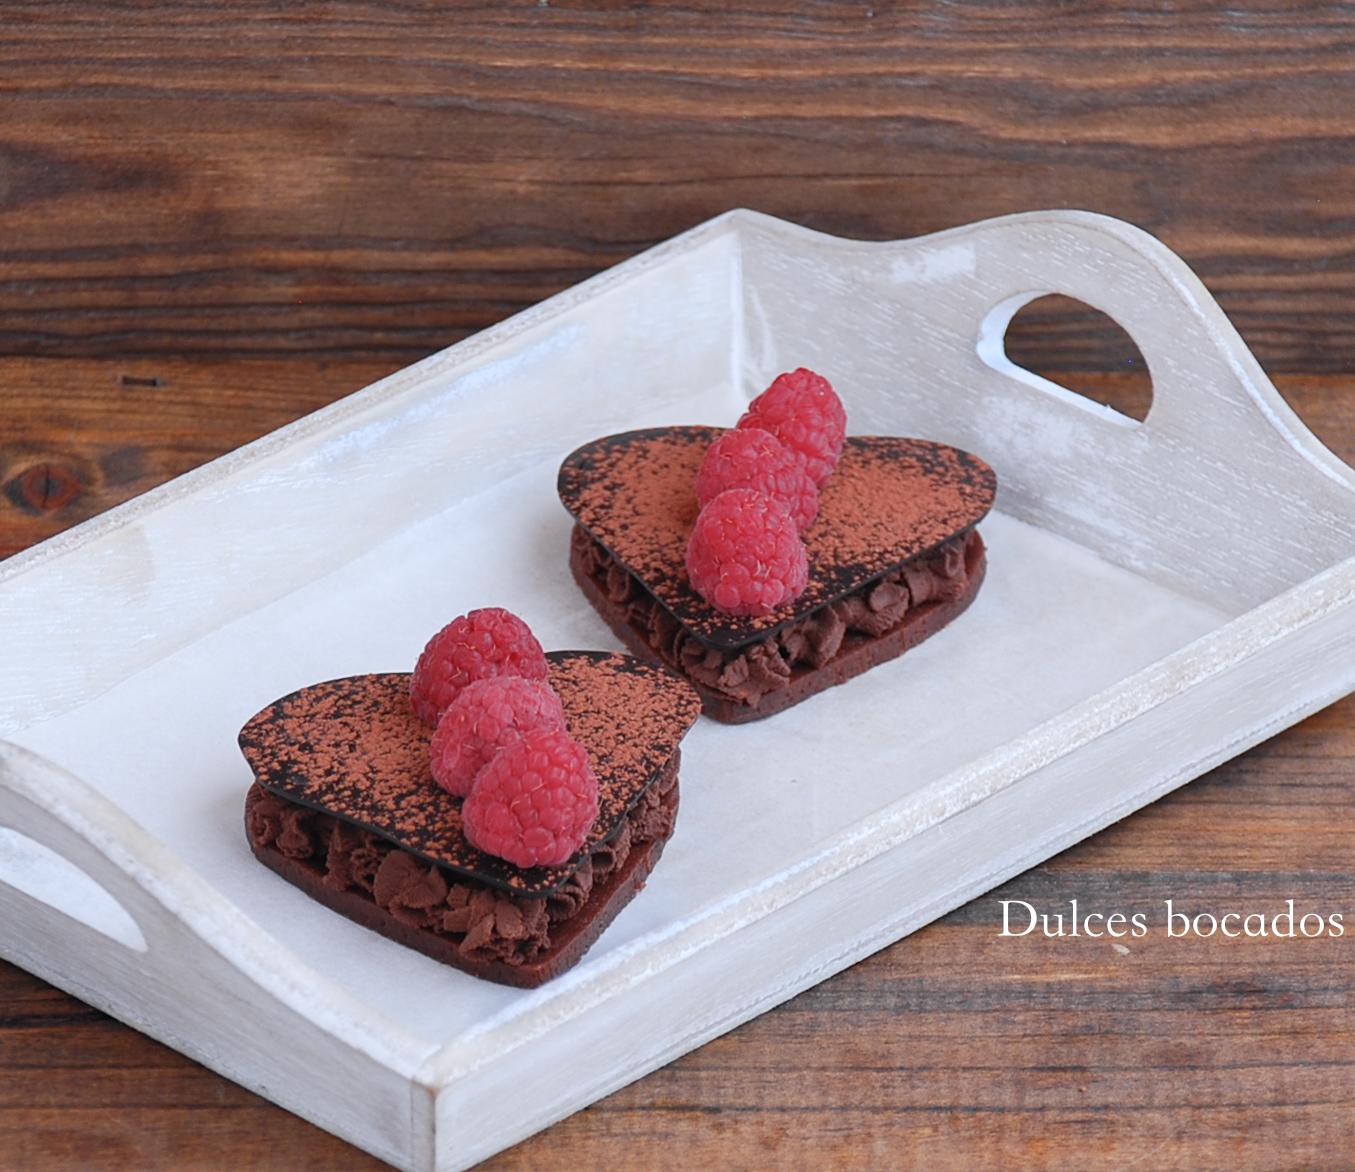 Corazones de galleta con mousse de chocolate - San Valentin - Dulces bocados